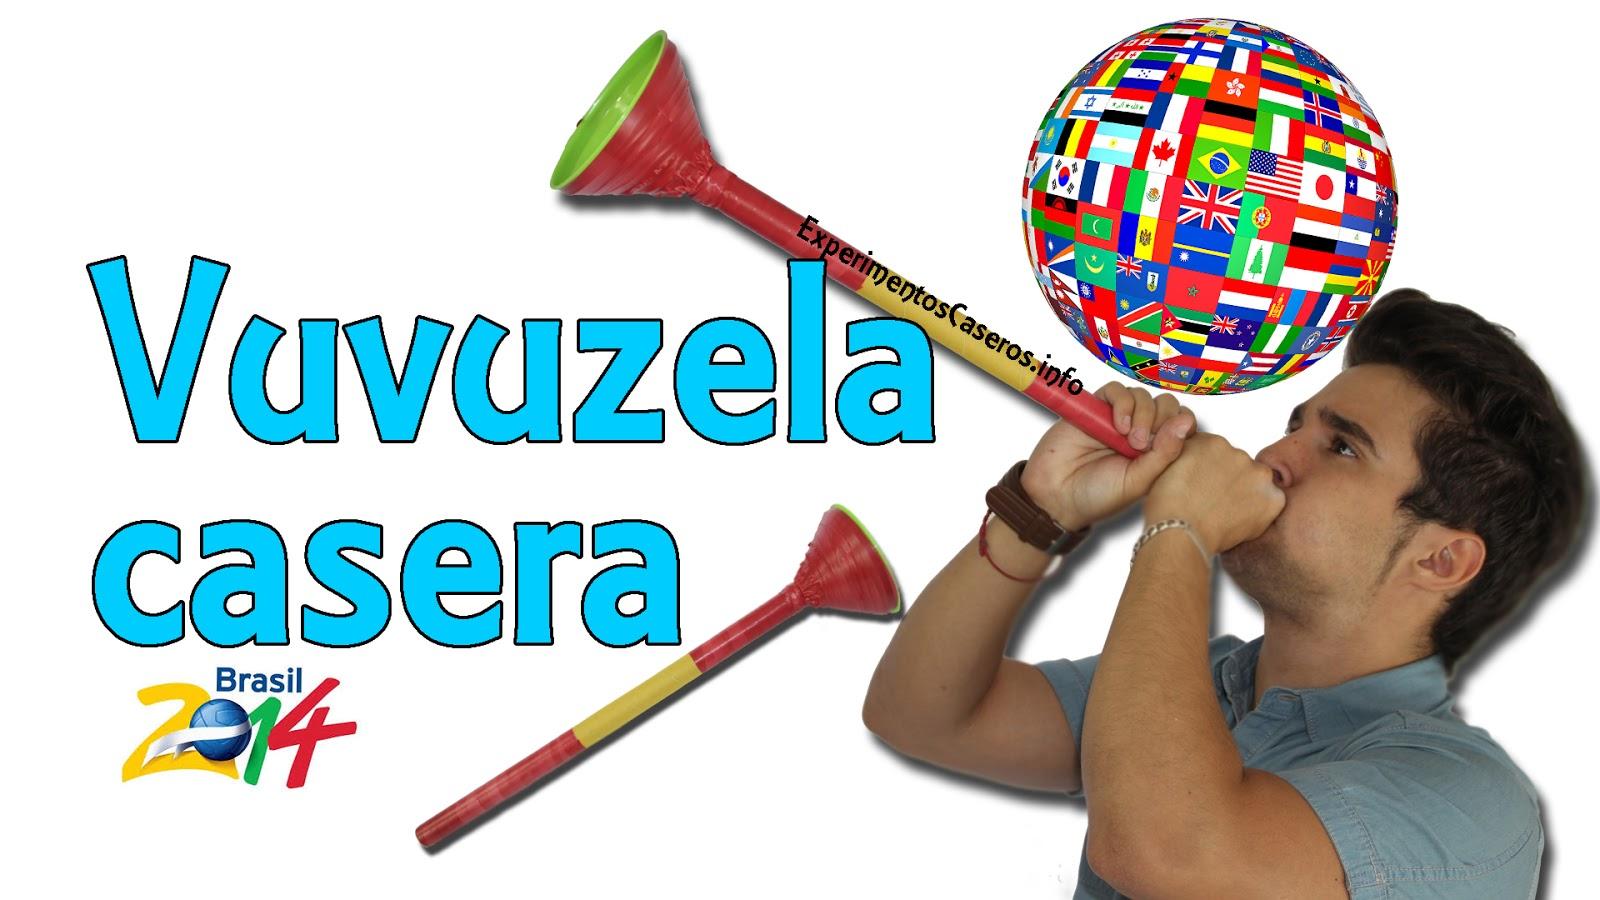 Vuvuzela Casera para el Mundial de Brasil 2014, experimentos caseros, vuvuzela casera, vuvucela casera, mundial, mundial brasil, mundial brasil 2014, brasil 2014, experimento, experimentos, inventos caseros, inventos sencillos, inventos para niños, experimentos para niños, experimentos fáciles, inventos fáciles